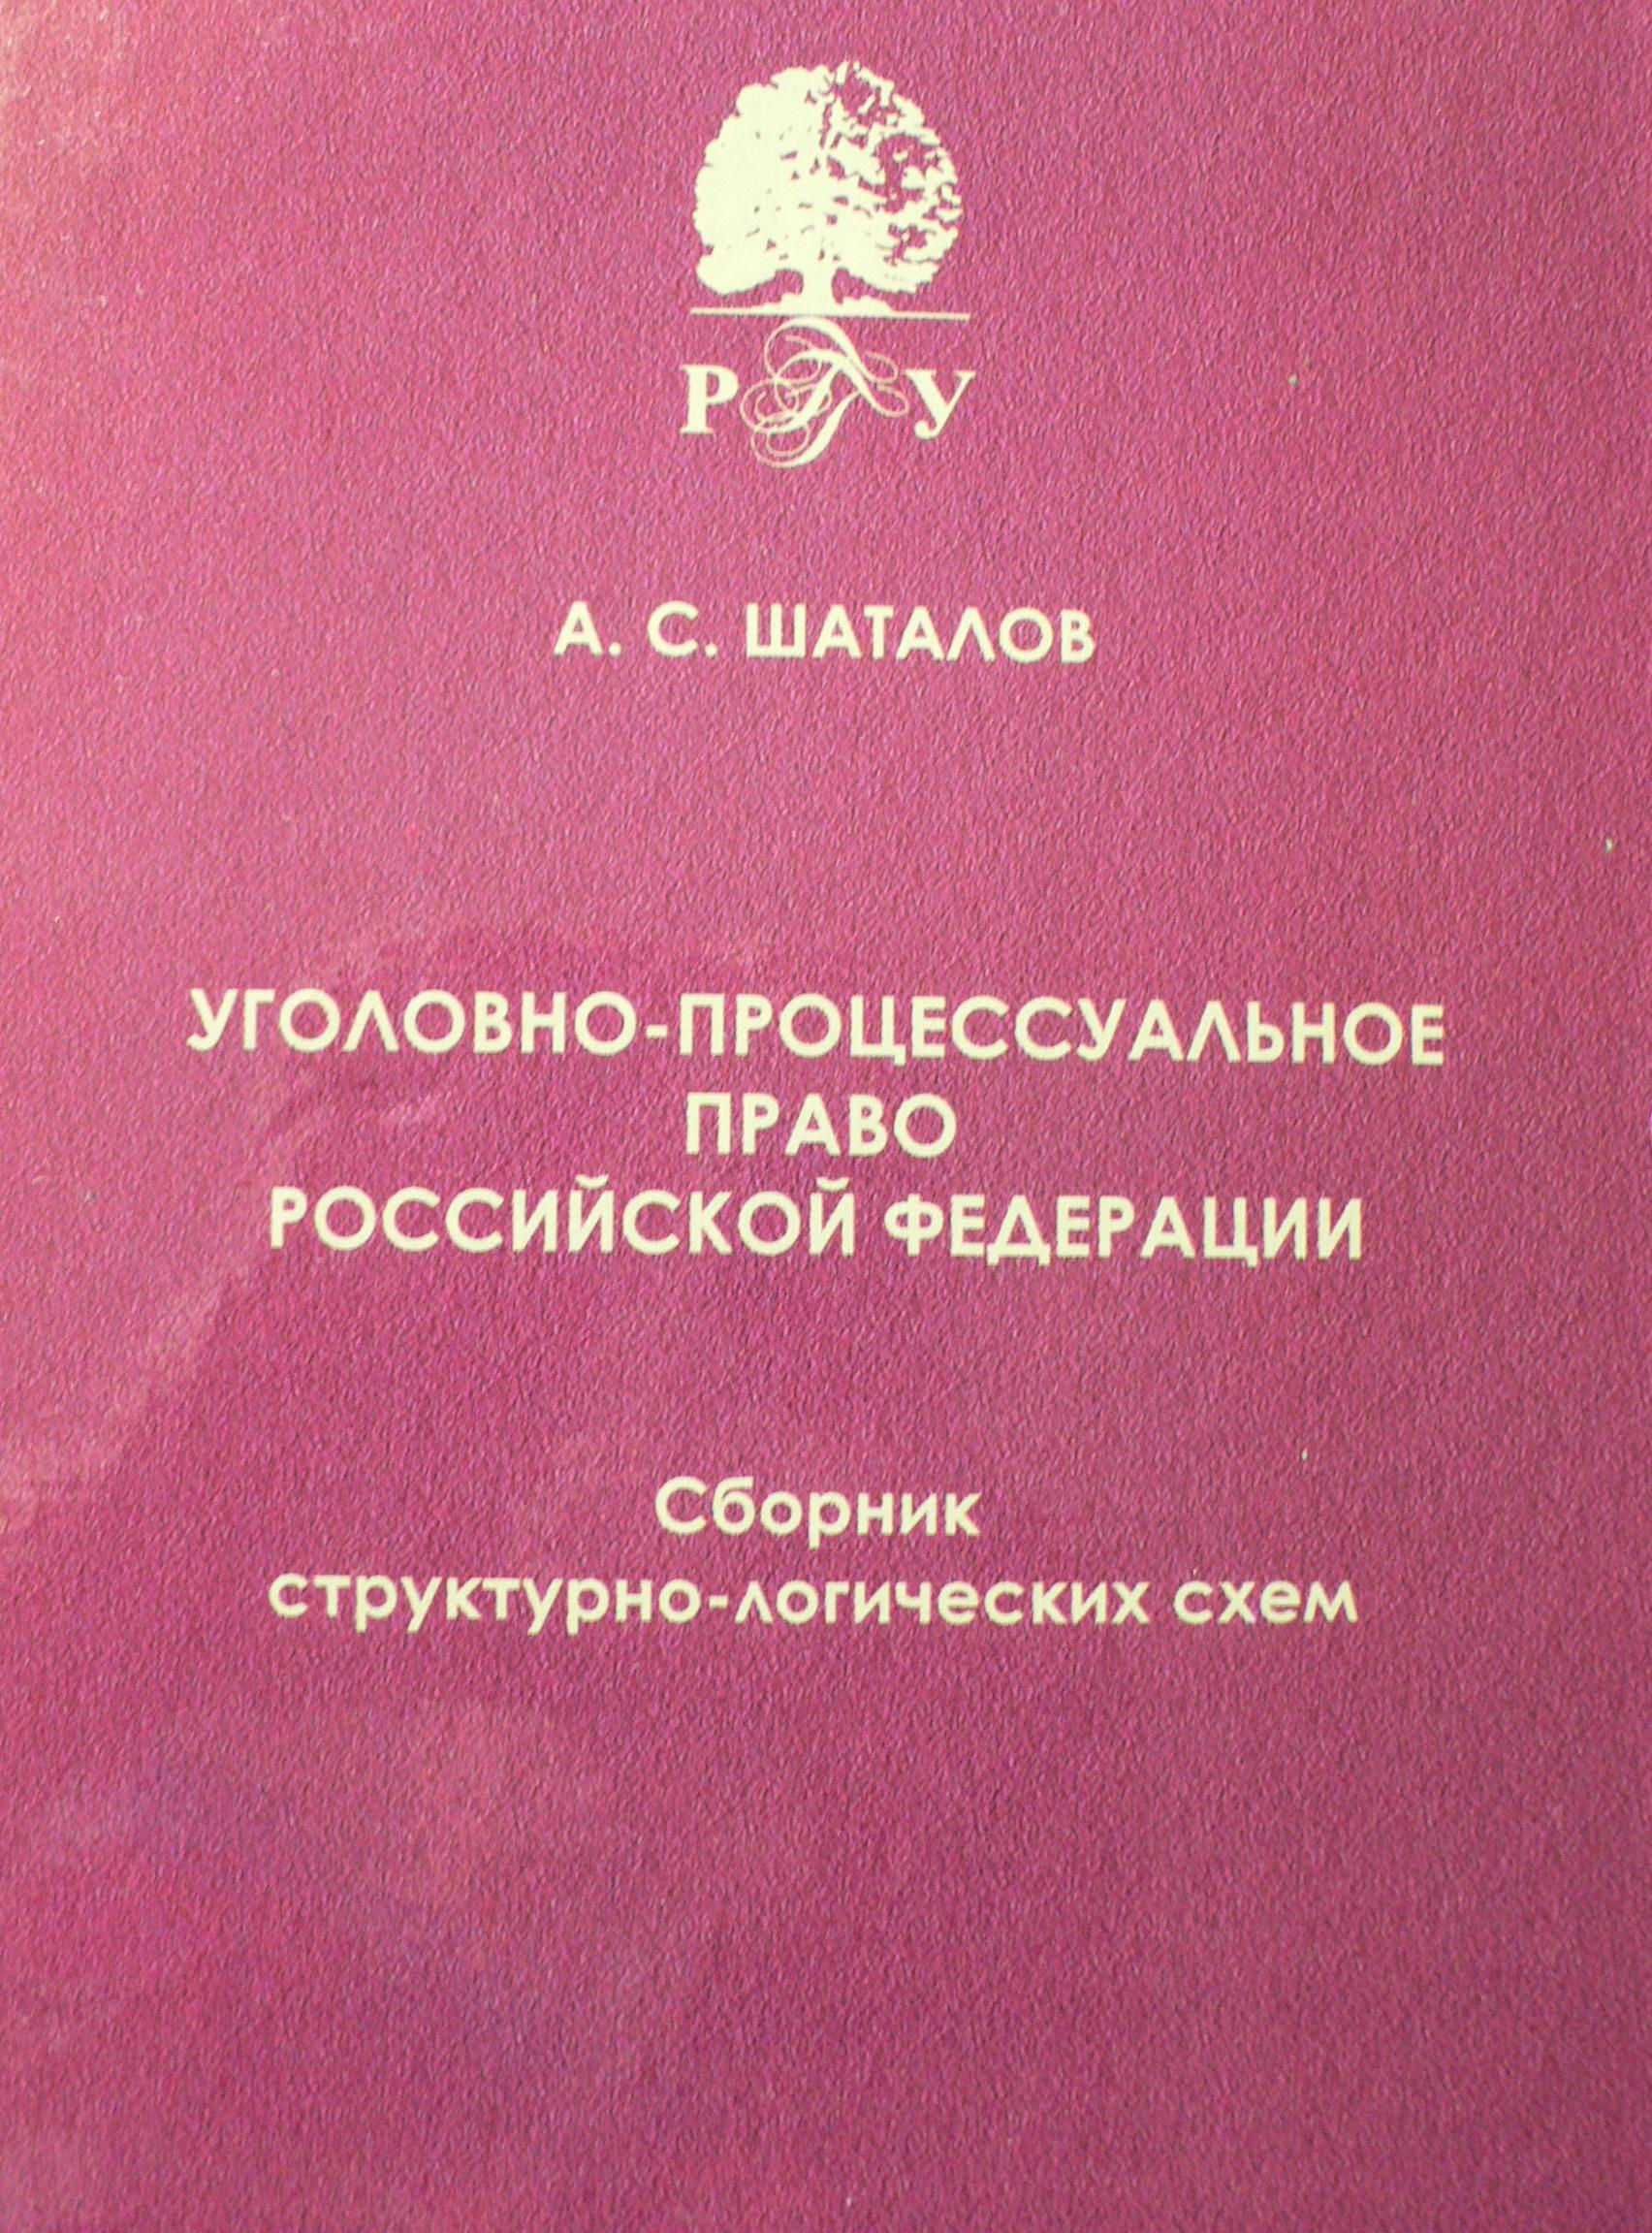 Уголовно-процессуальное право Российской Федерации. Сборник структурно-логических схем